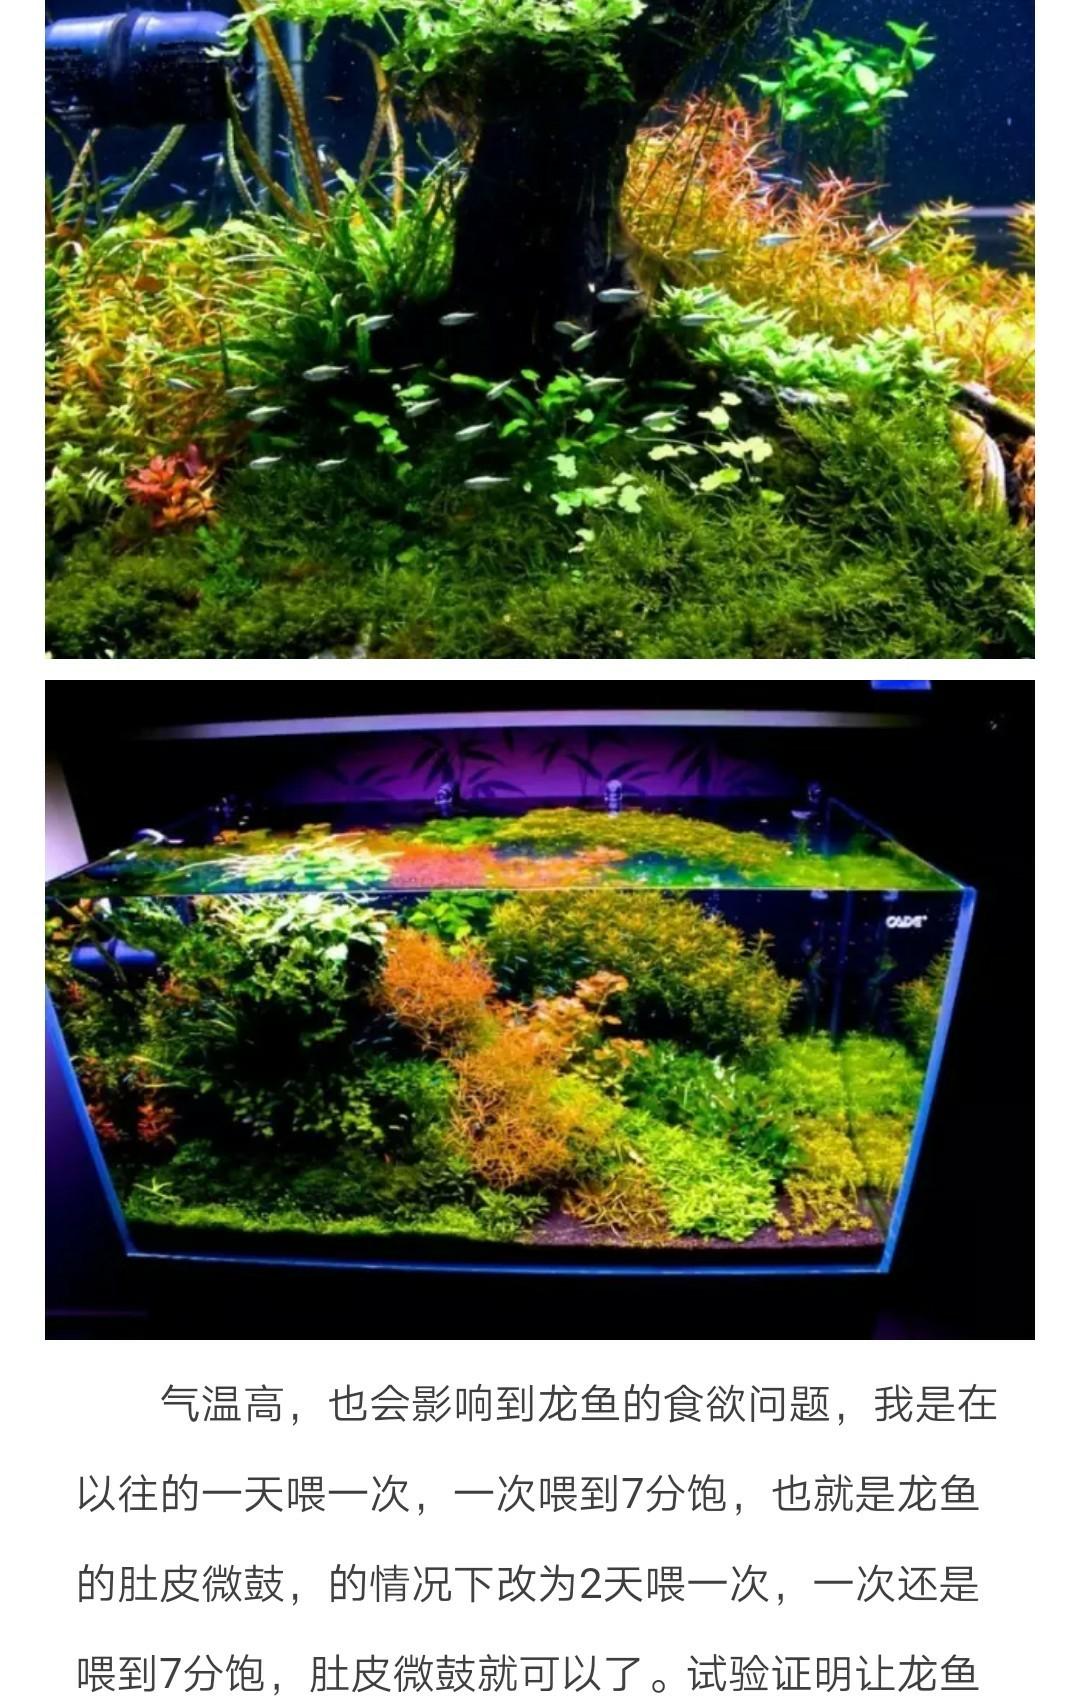 怎样稳定维护好水草缸水质(2) 绵阳龙鱼论坛 绵阳水族批发市场第2张